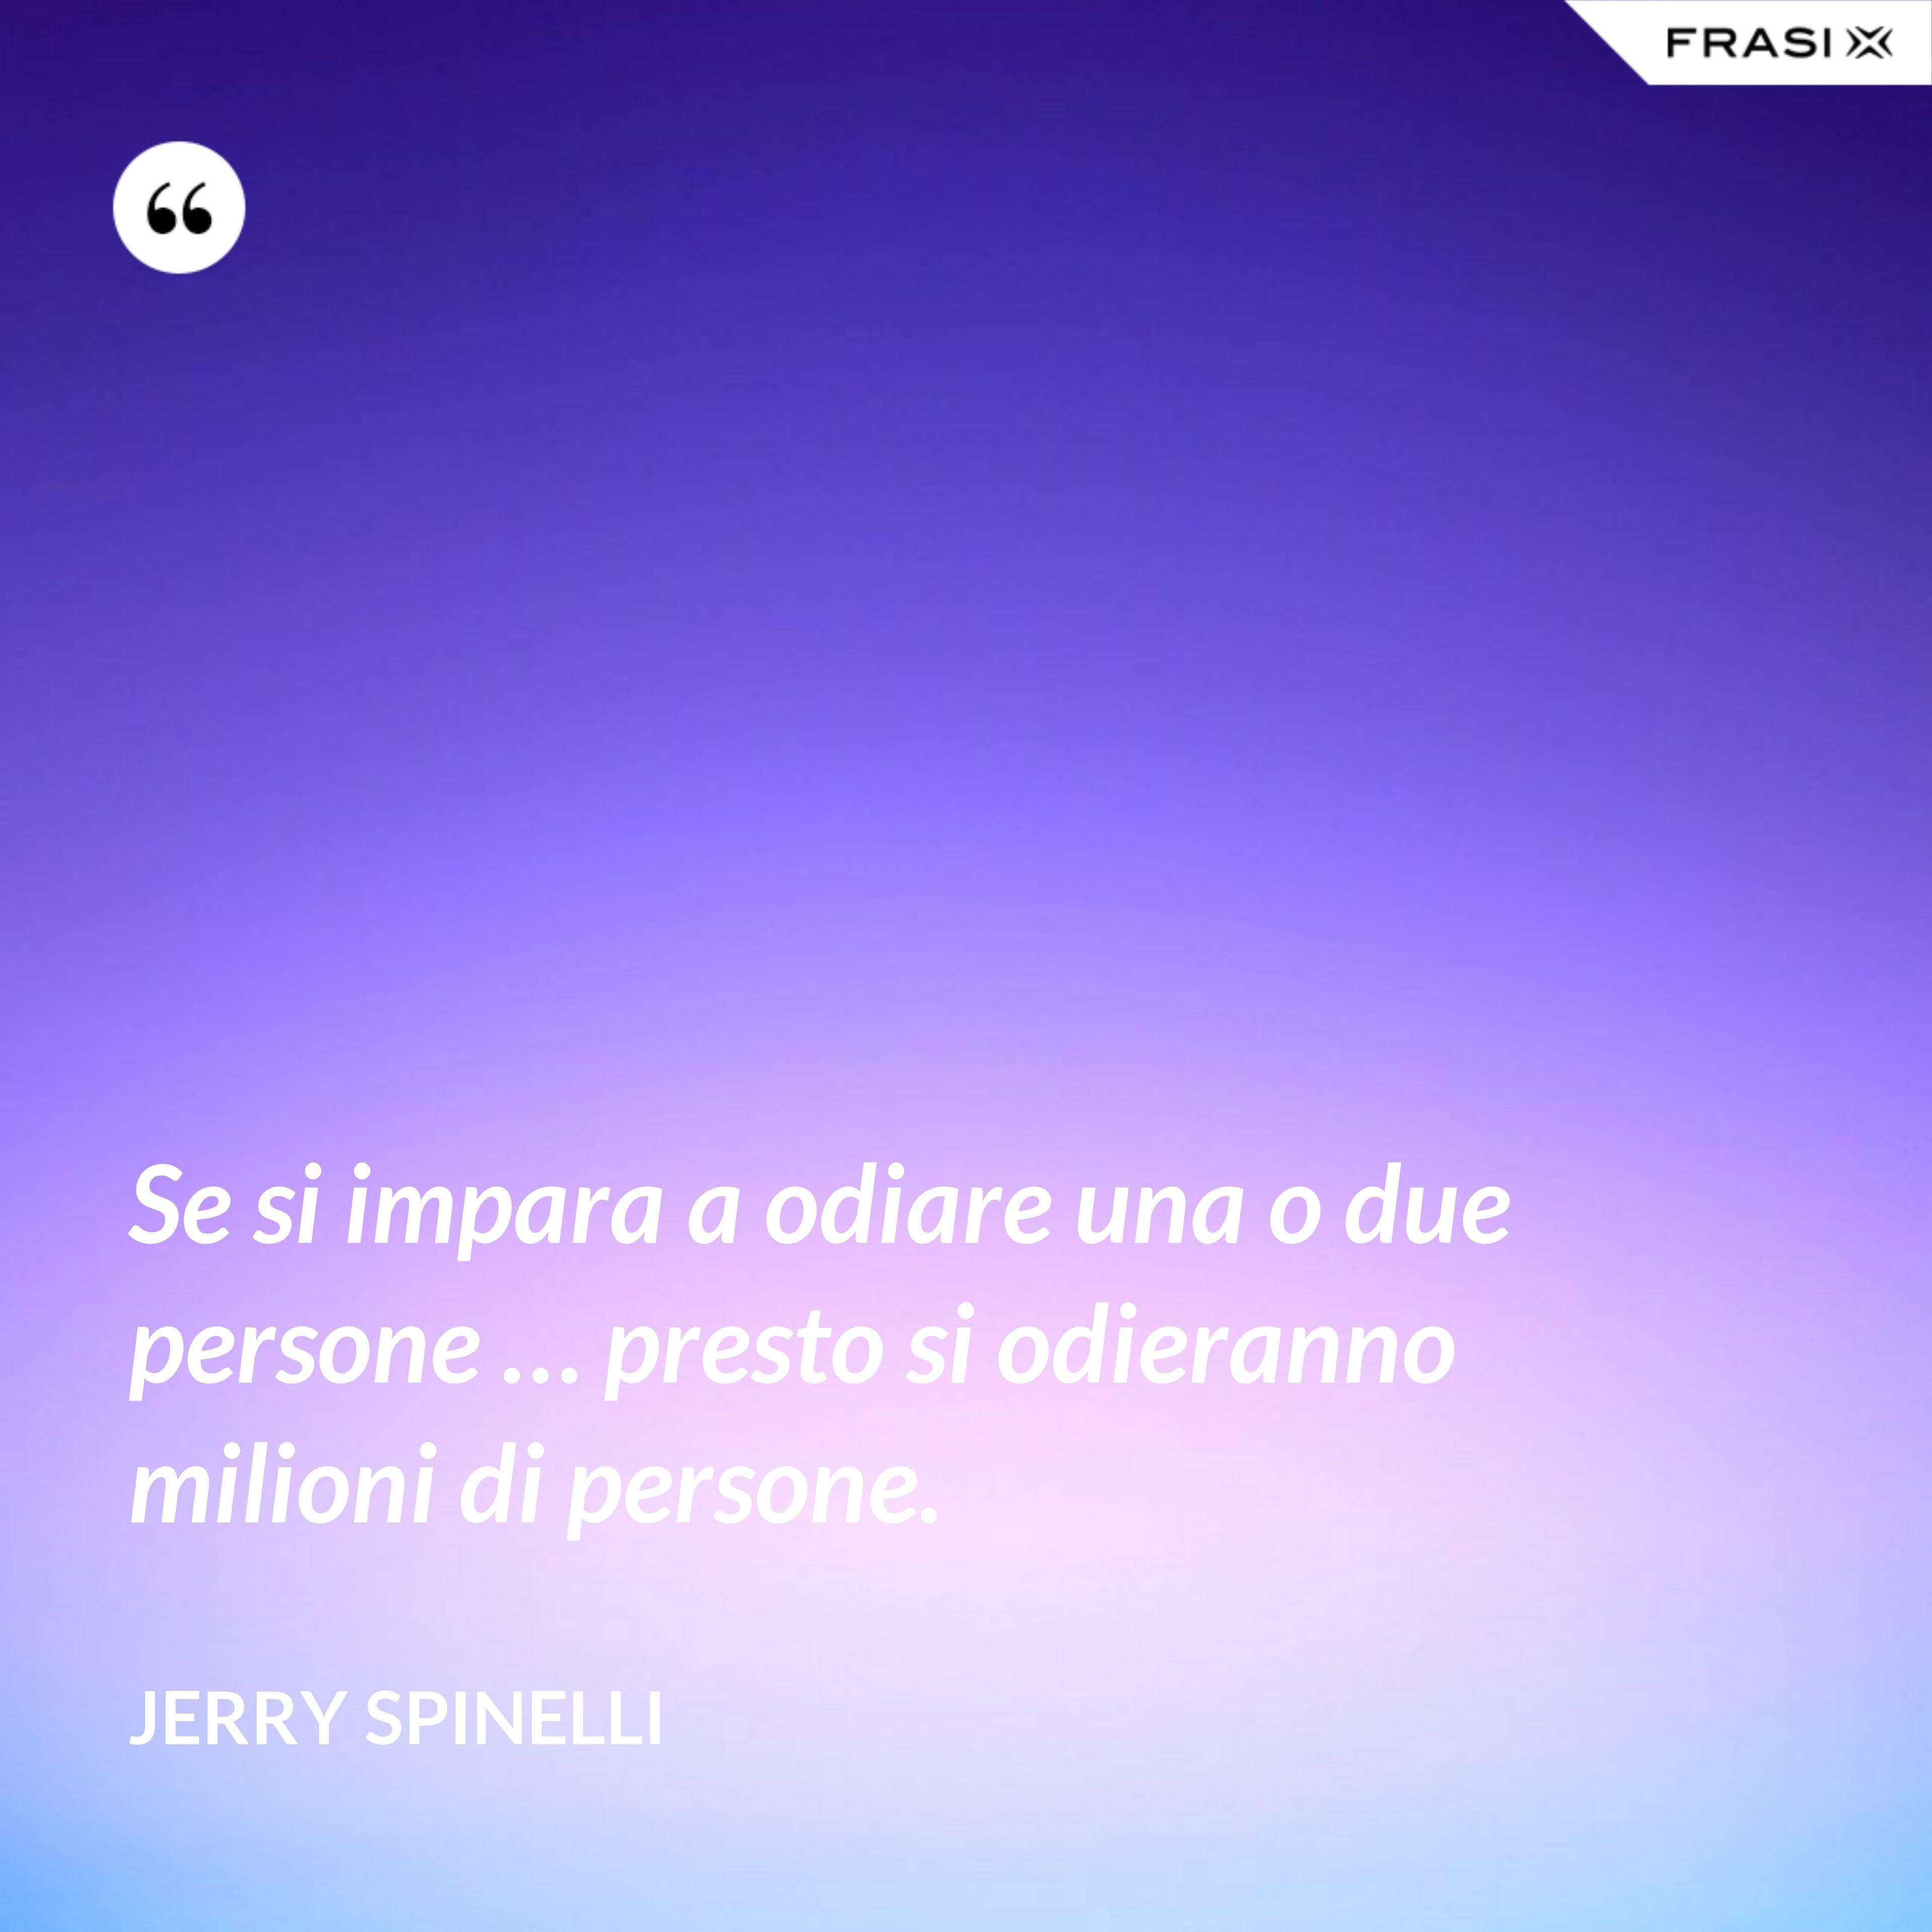 Se si impara a odiare una o due persone … presto si odieranno milioni di persone. - Jerry Spinelli